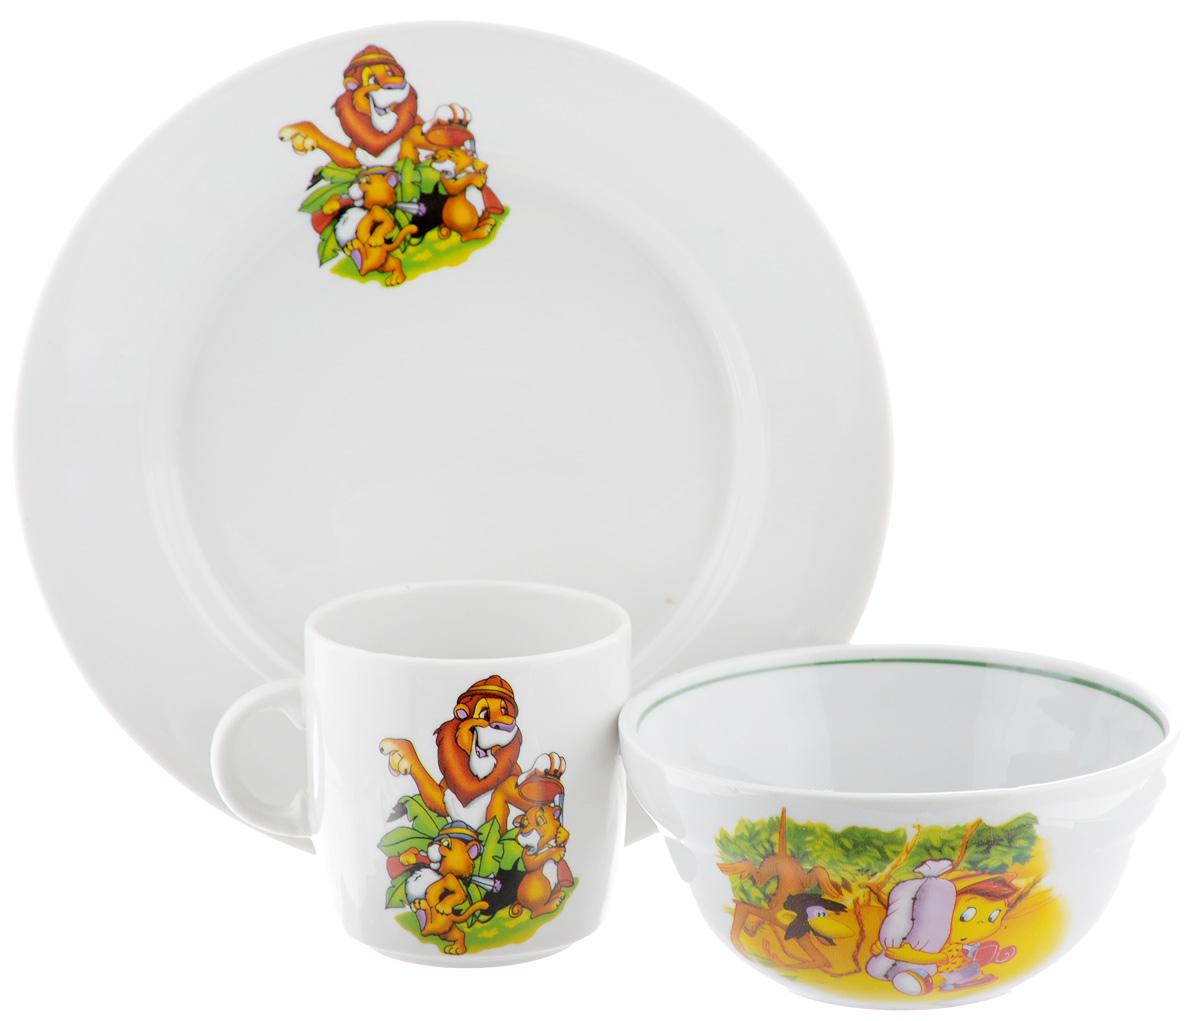 Набор детской посуды Фарфор Вербилок Лев, 3 предмета18141280Набор посуды Лев изготовлен из высококачественного экологически чистого фарфора. В набор входят 3 предмета: кружка детская, тарелка и салатница. Посуда оформлена красочными рисунками. Набор, несомненно, привлечет внимание вашего ребенка и не позволит ему скучать. Порадуйте своего ребенка этим замечательным набором! Диаметр кружки: 7 см. Высота кружки: 7,5 см. Диаметр салатницы: 12 см. Высота салатницы: 5,5 см. Диаметр тарелки: 20 см. Высота тарелки: 2,5 см.